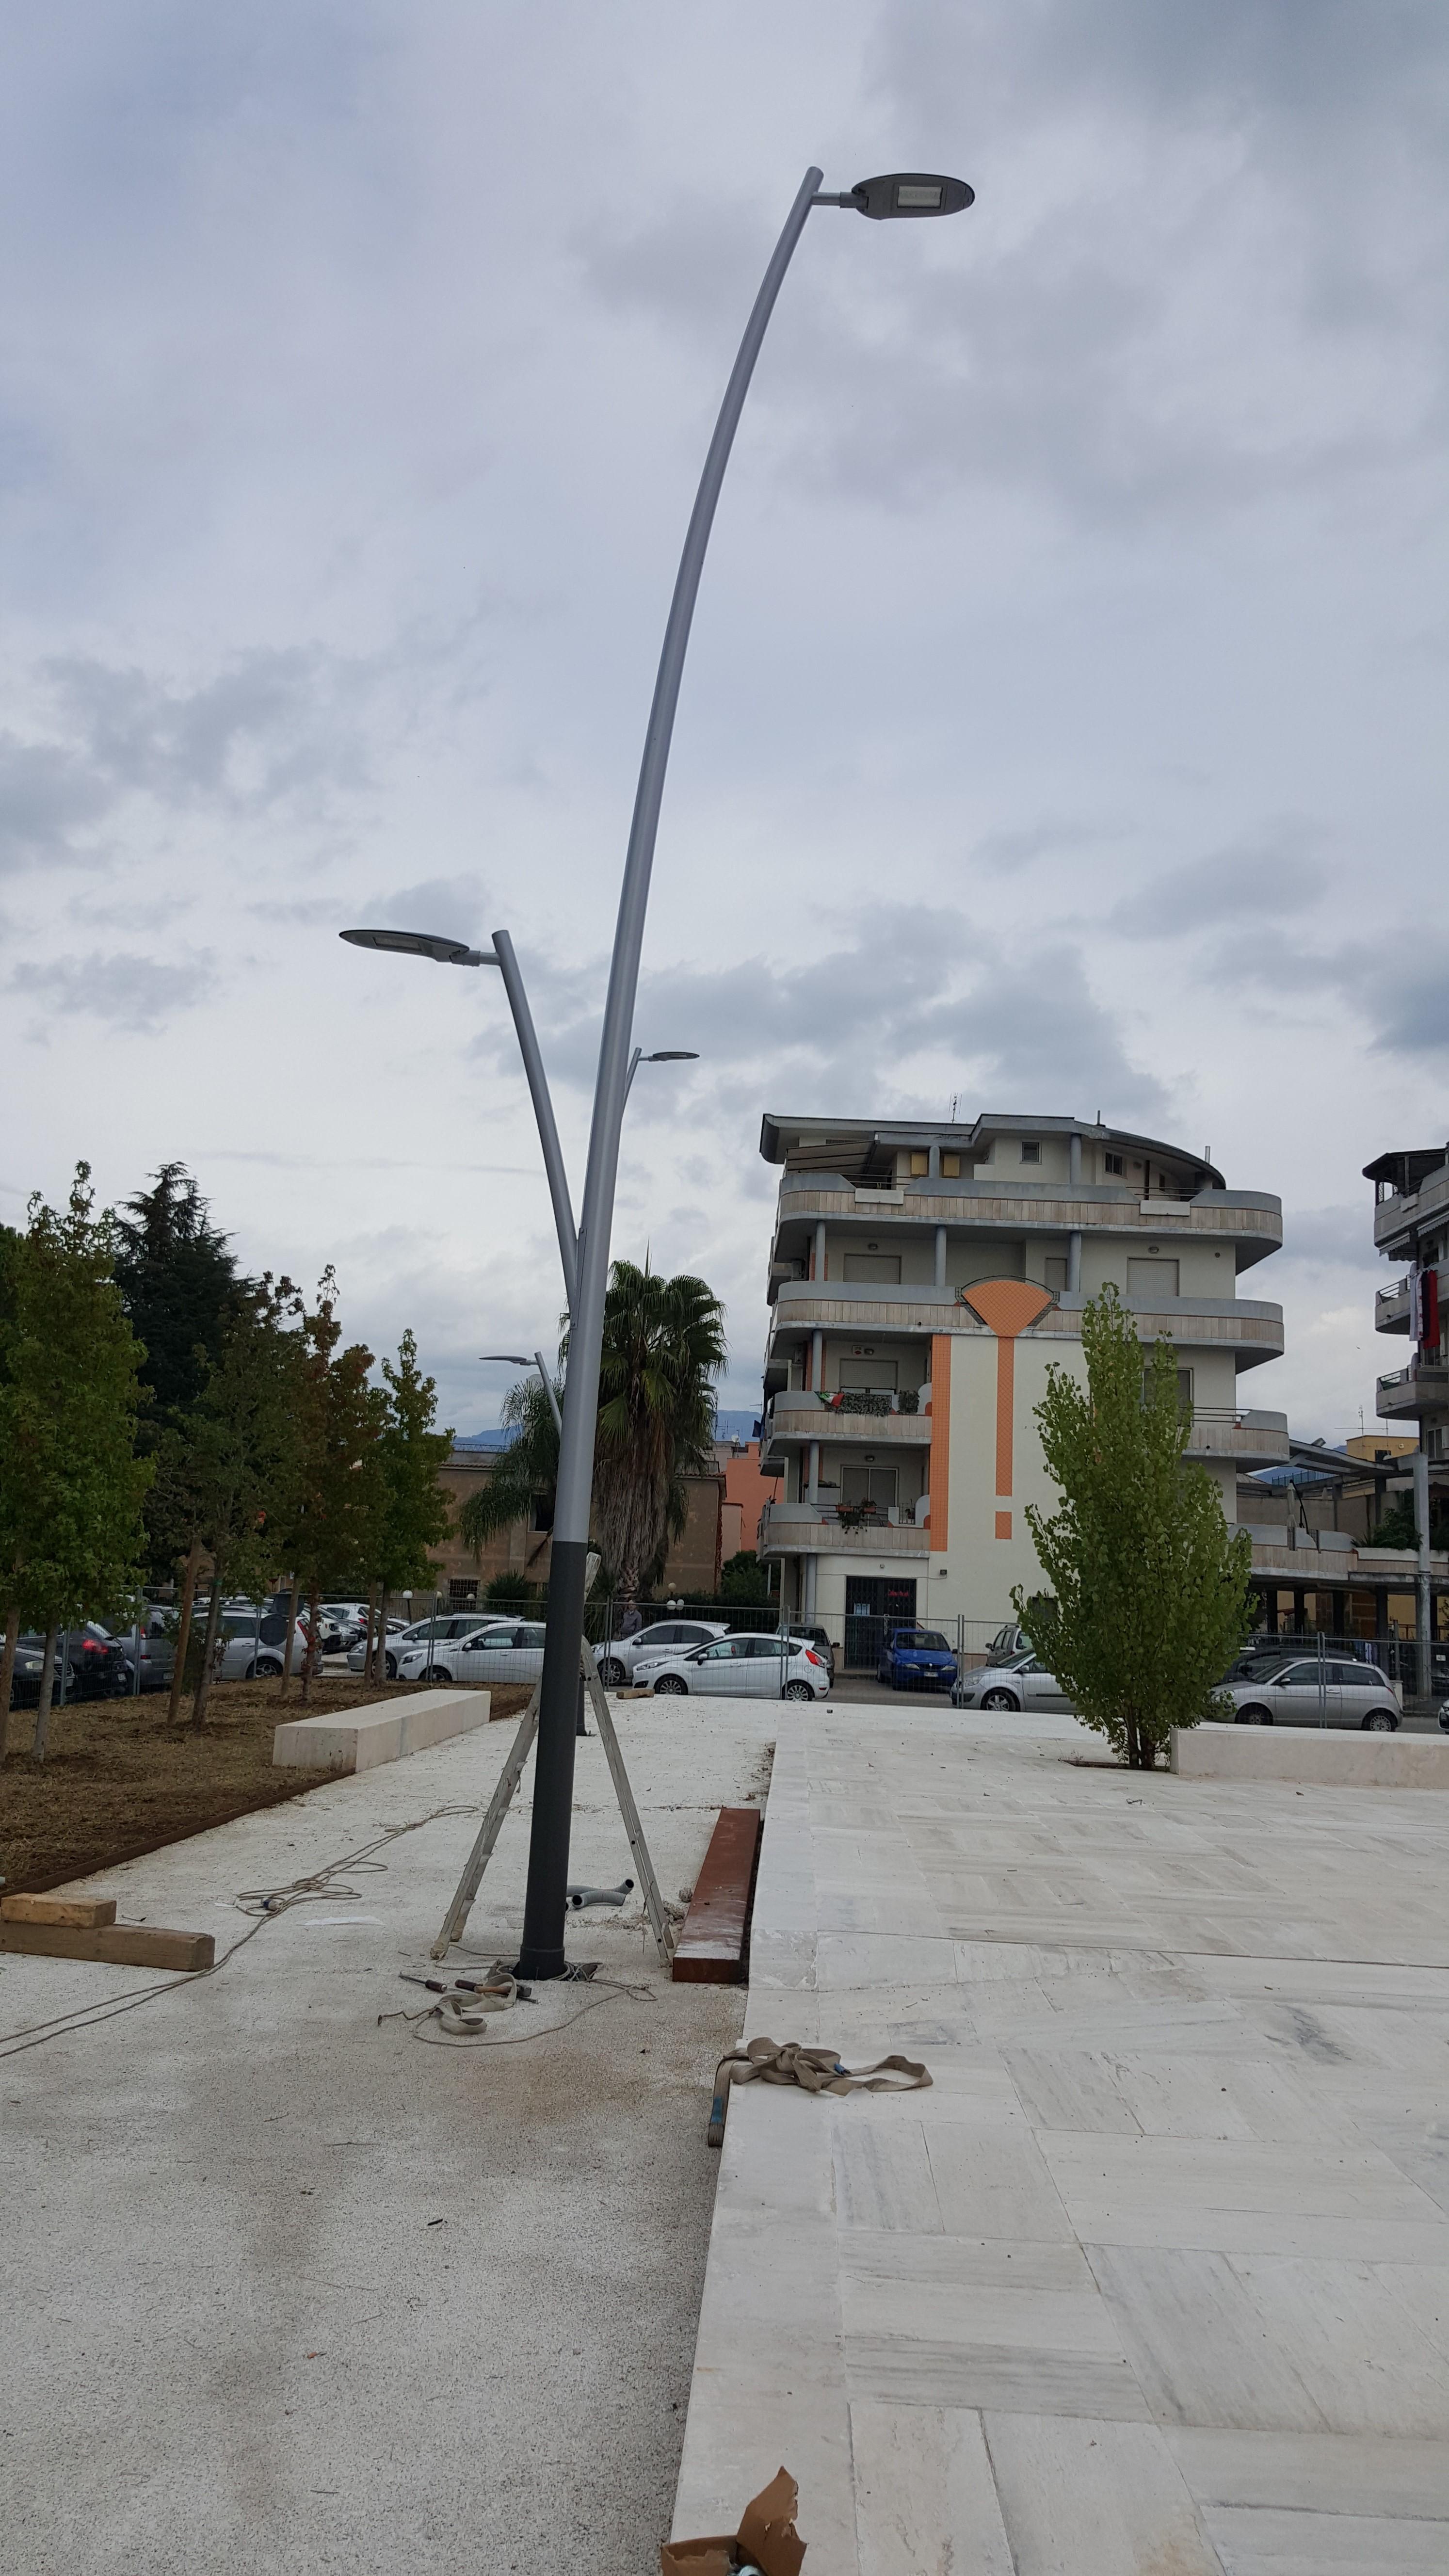 Uno dei nuovi lampioni in piazza dell'Ambrosia